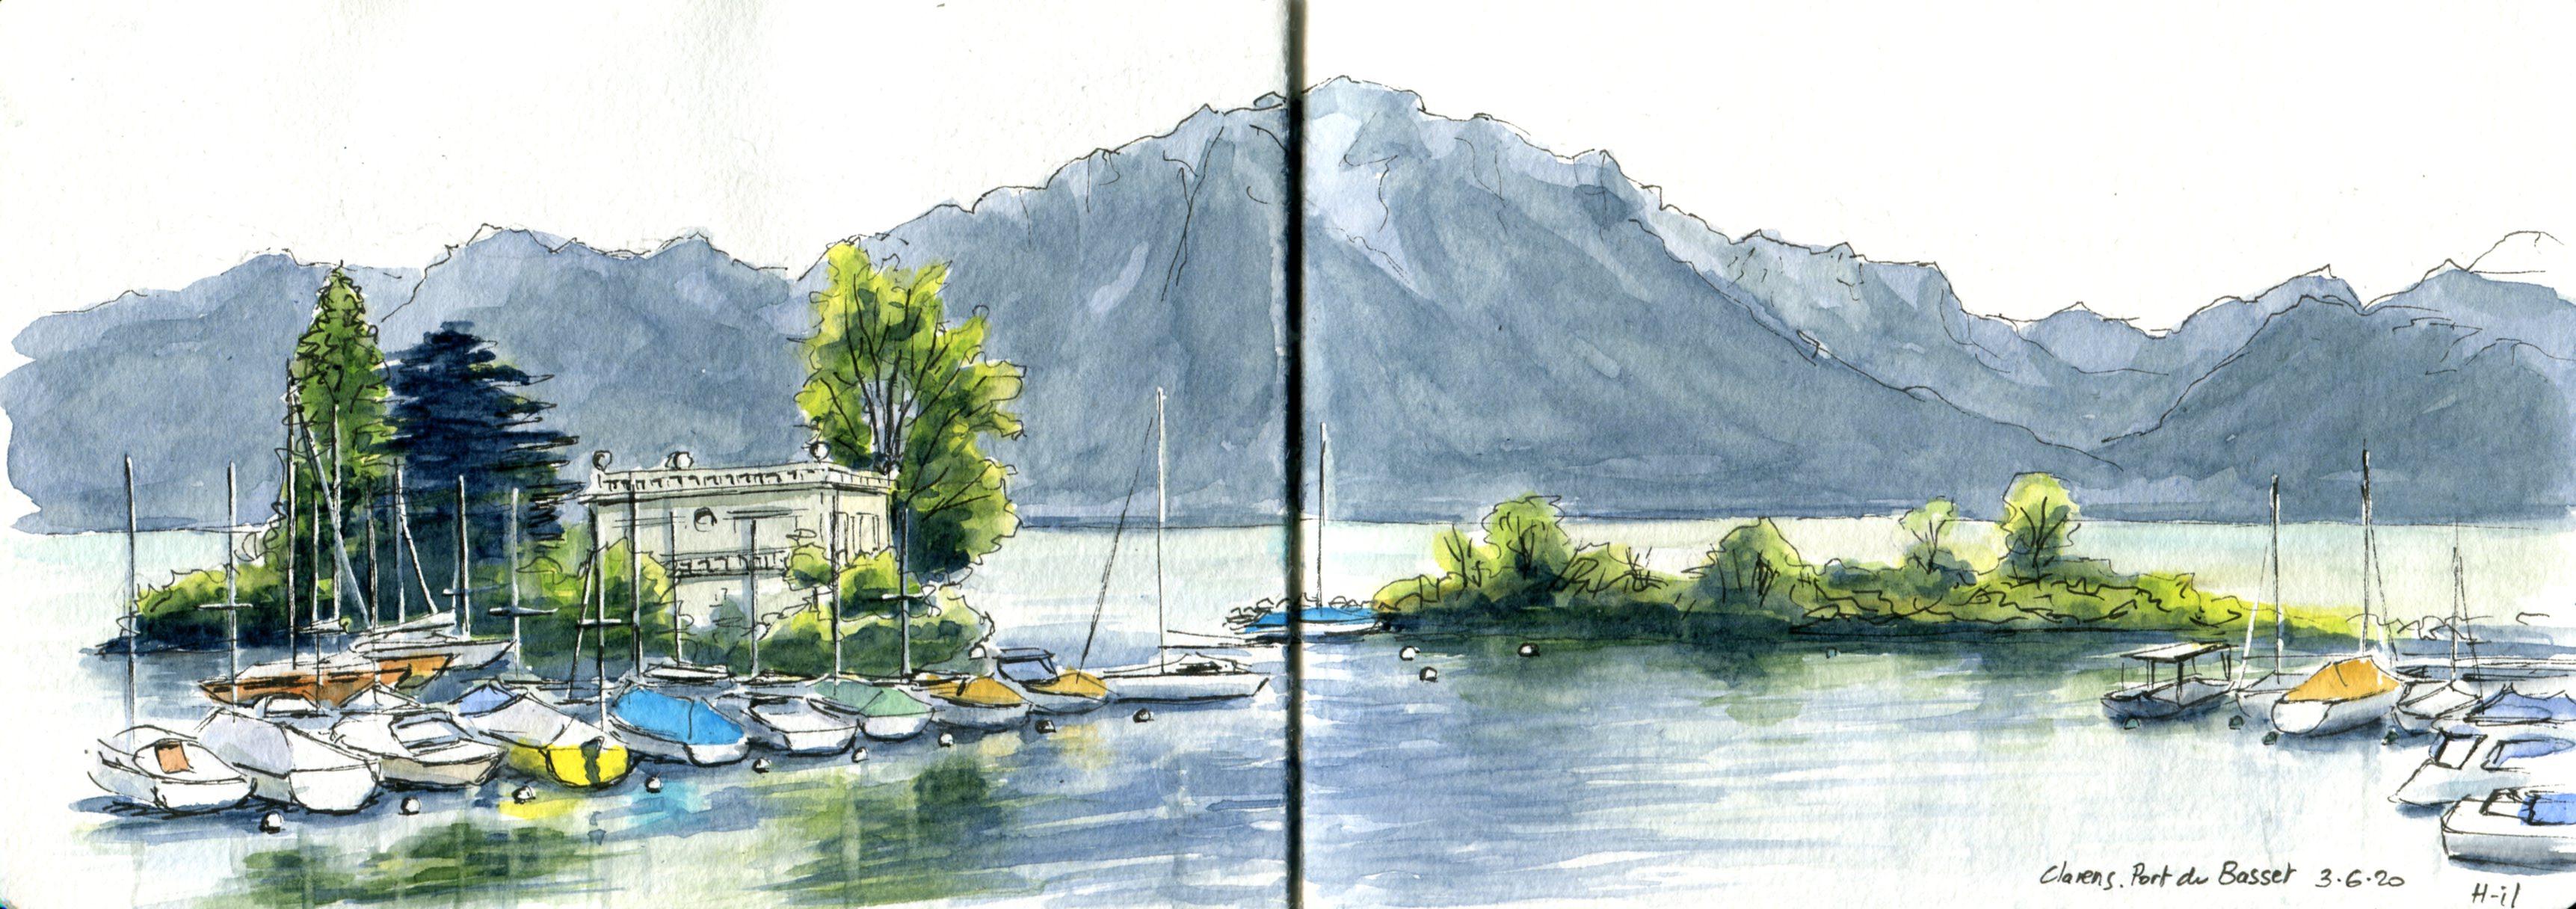 Port du Basset052